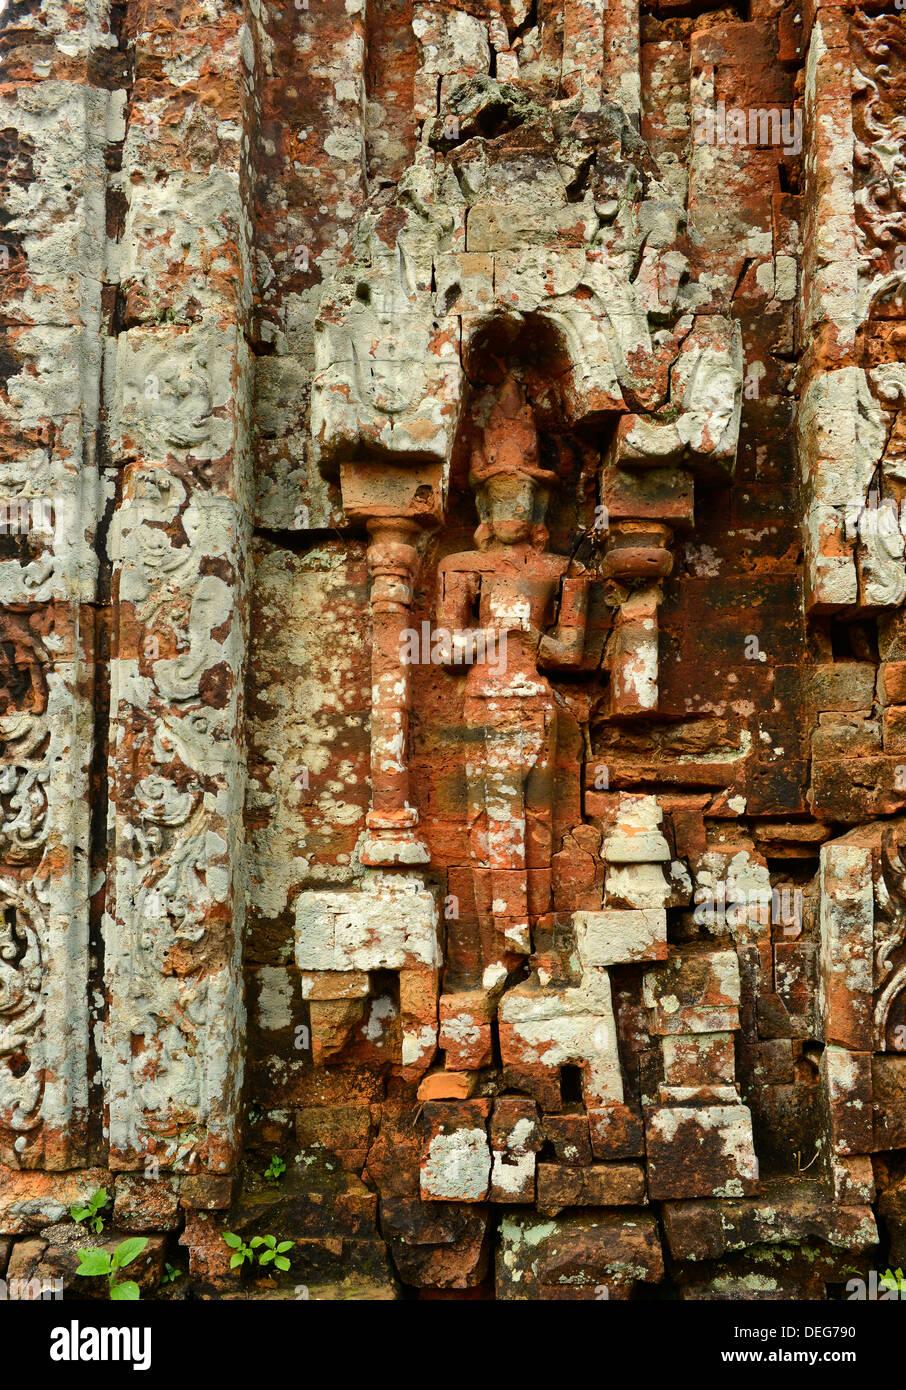 Détail de Temple 5B, de l'art Cham, mon fils, Site du patrimoine mondial de l'UNESCO, le Vietnam, l'Indochine, l'Asie du Sud-Est, Asie Photo Stock